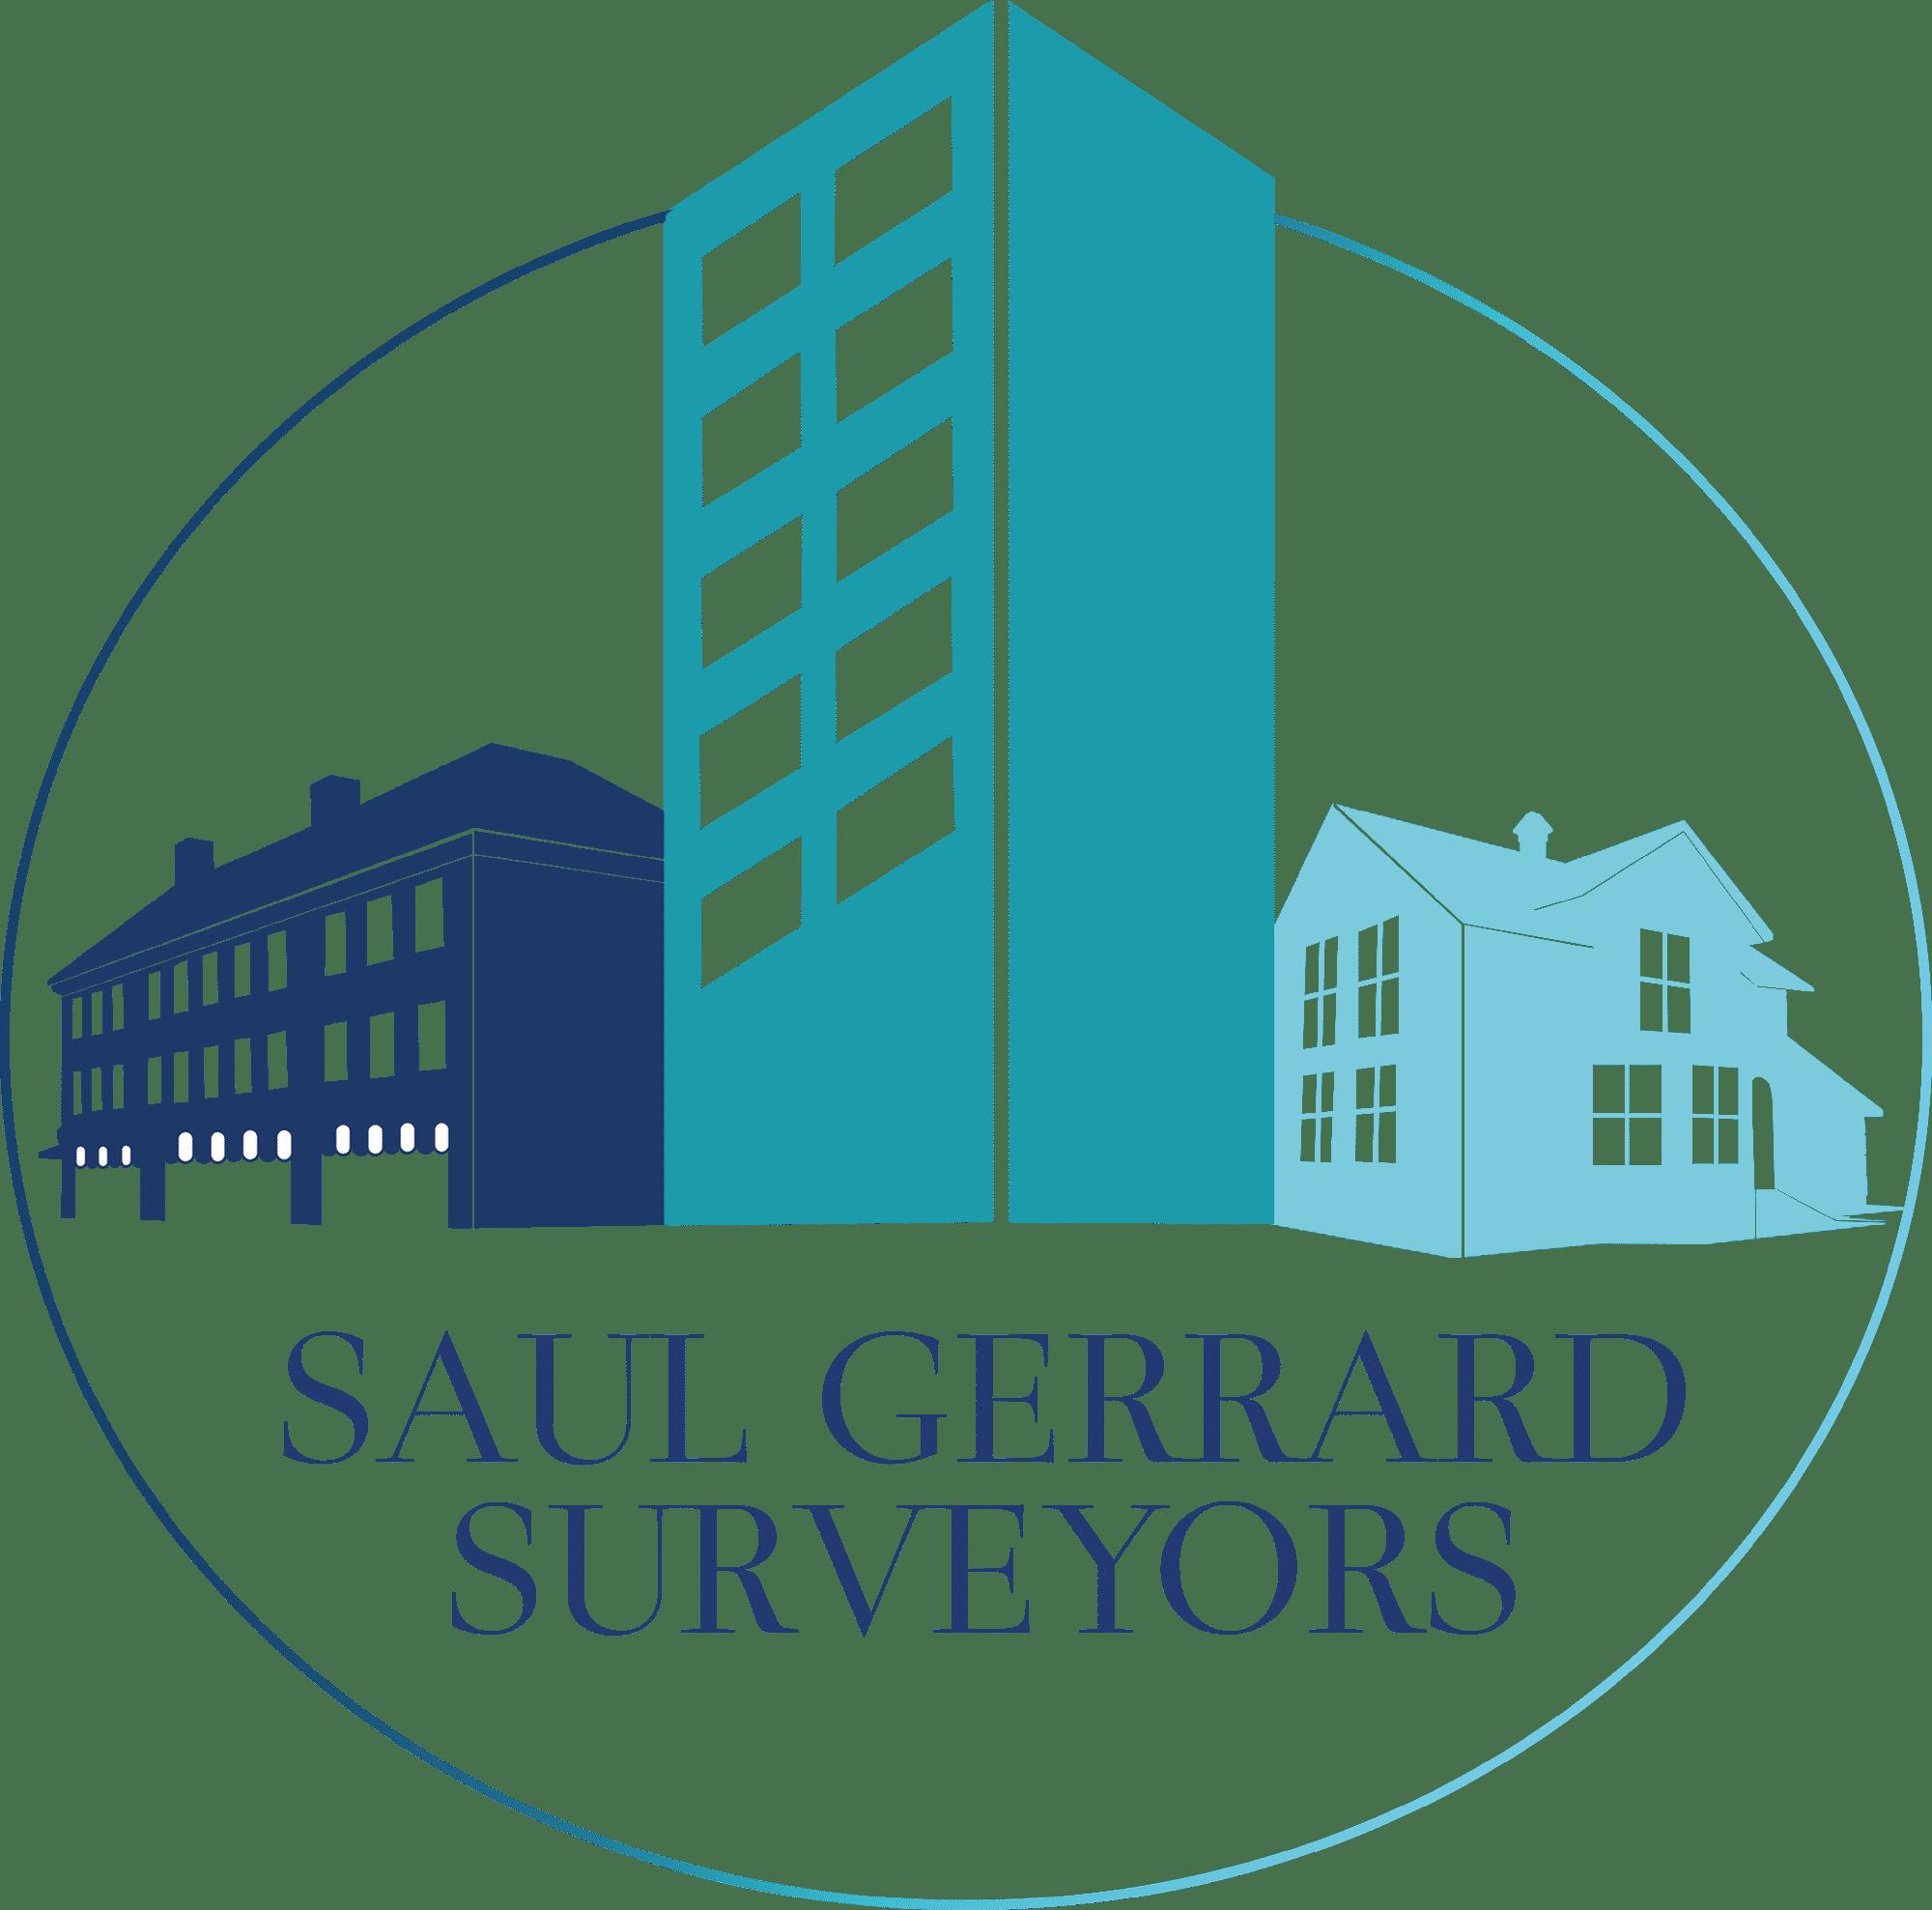 Saul Gerrard Surveyors